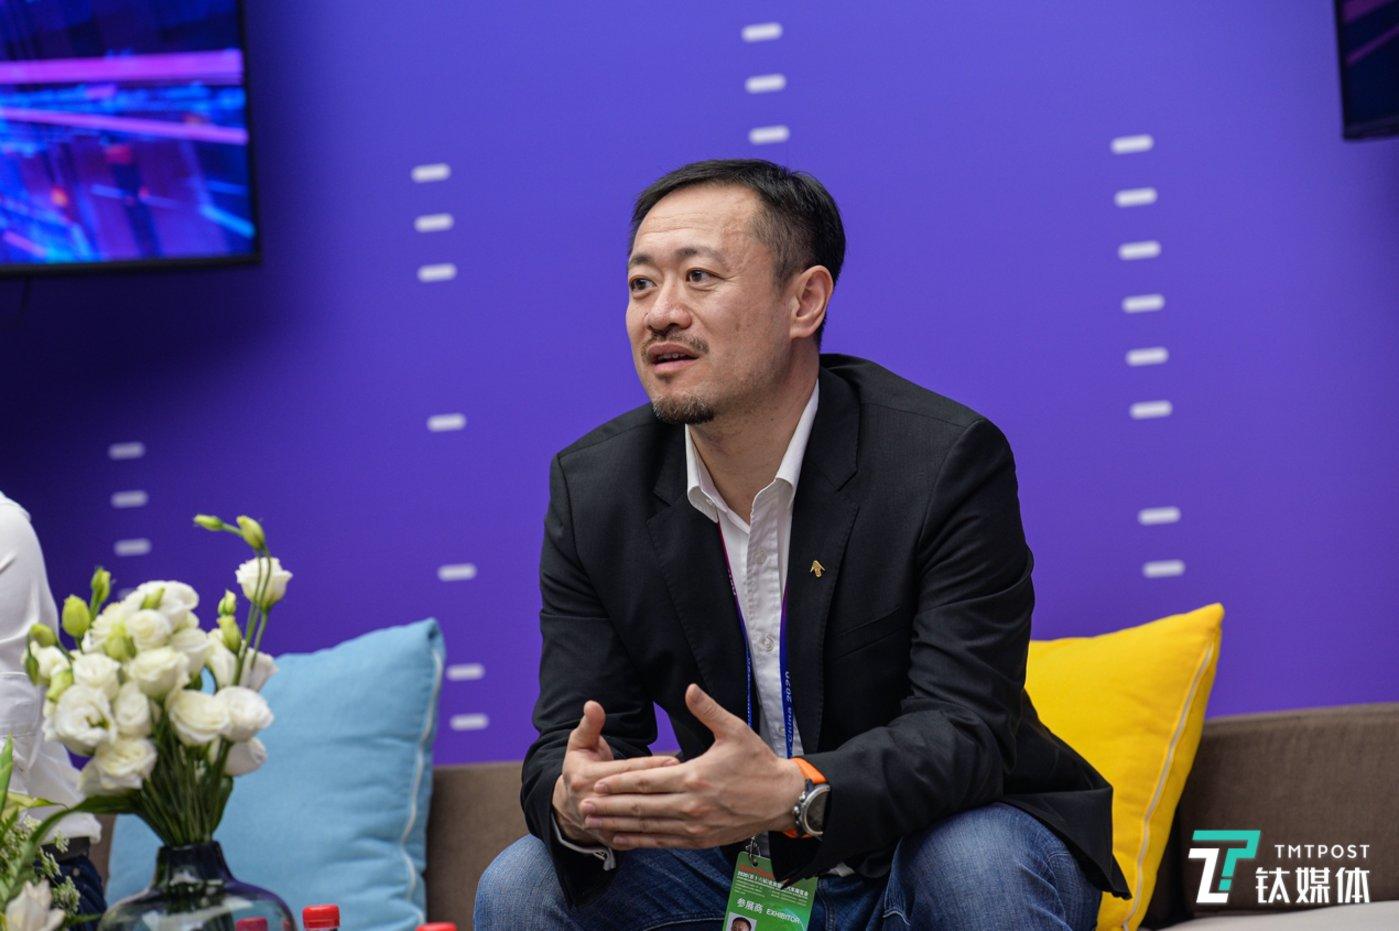 长城汽车产品数字化中心数字化执行官 李鹏